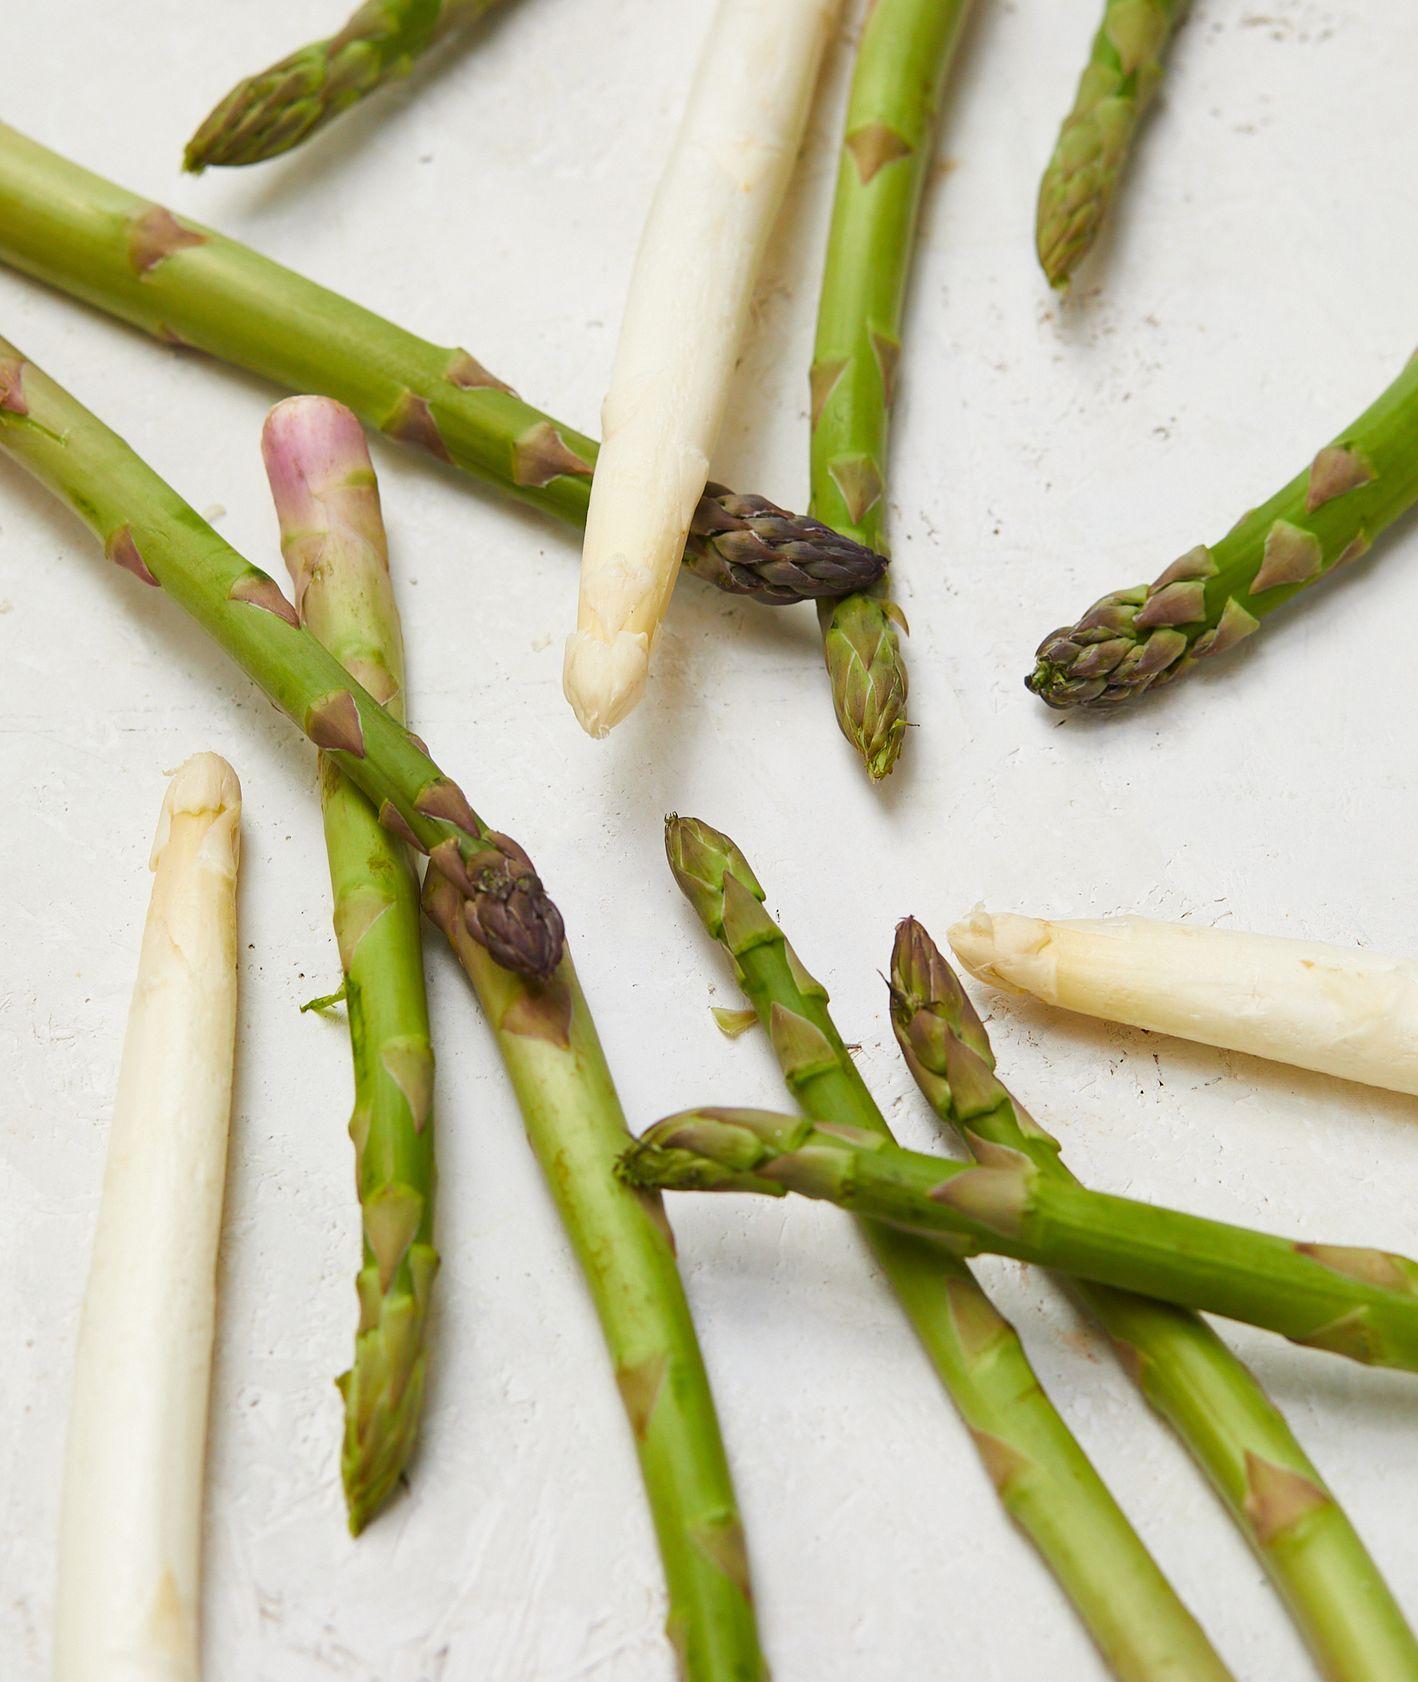 Sposoby na szparagi. Jak przygotować szparagi. Proste przepisy na szparagi (fot. Maciek Niemojewski)